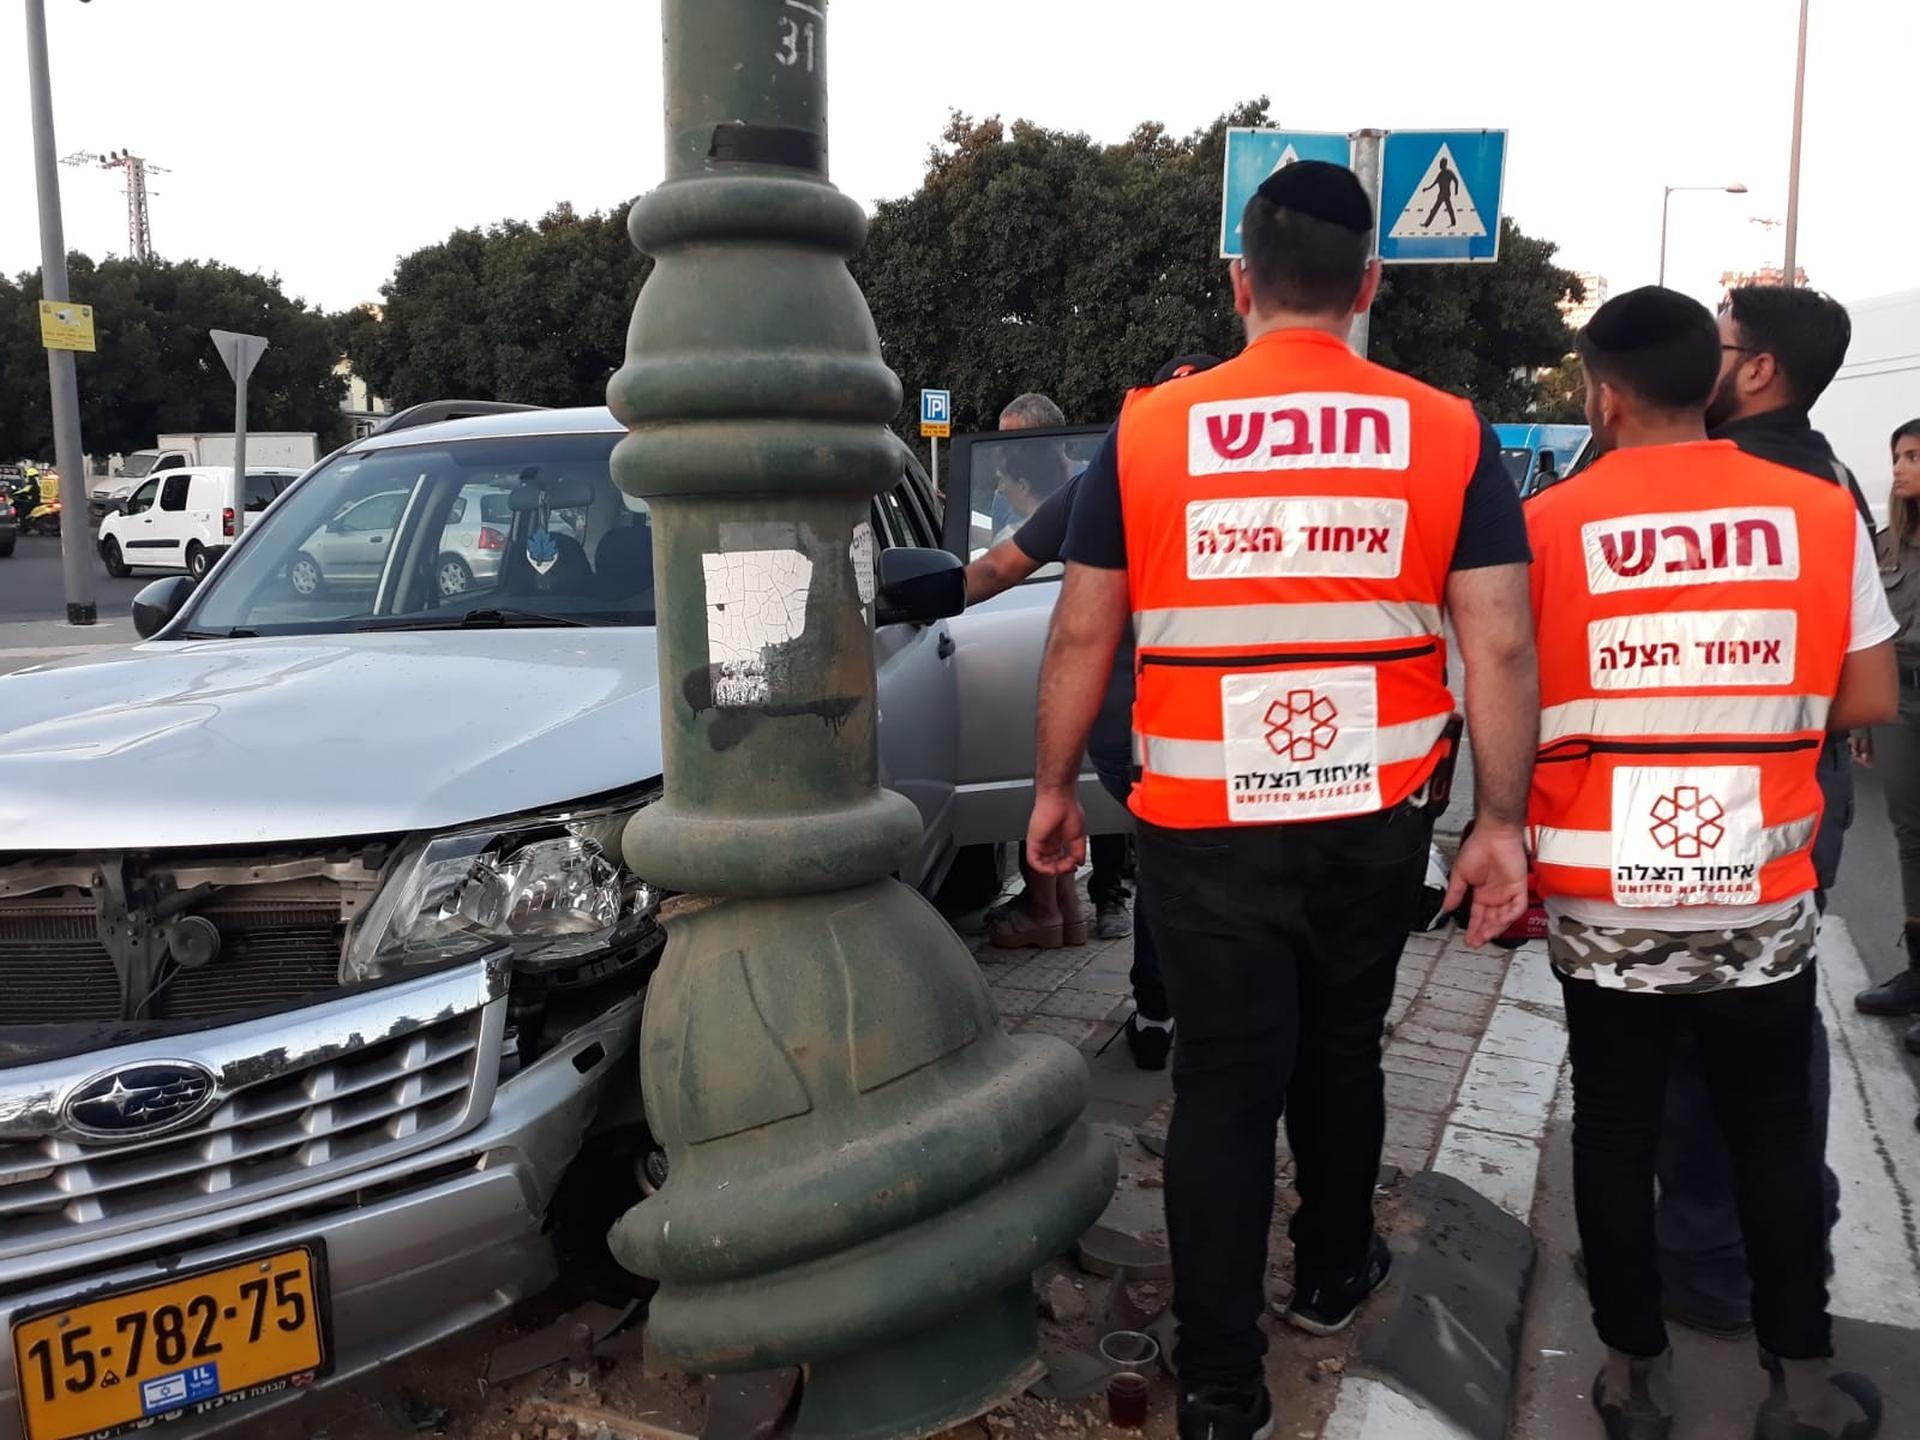 מזירת התאונה הקשה בראשון לציון - צילום: דוברות איחוד הצלה